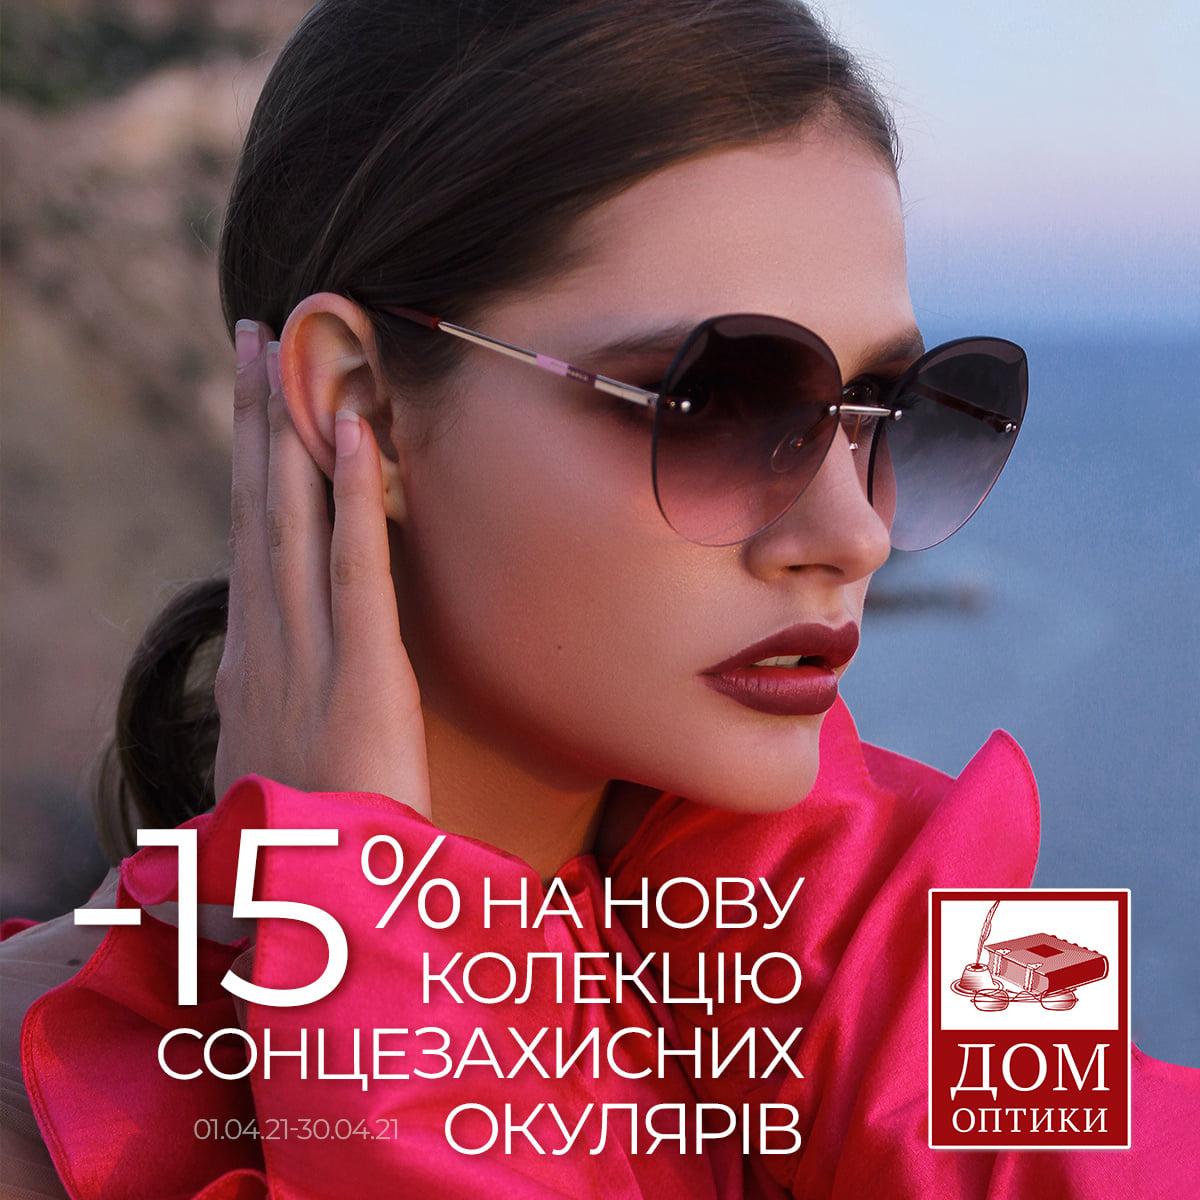 Скидка 15% на солнцезащитные очки в салоне «Дом оптики»